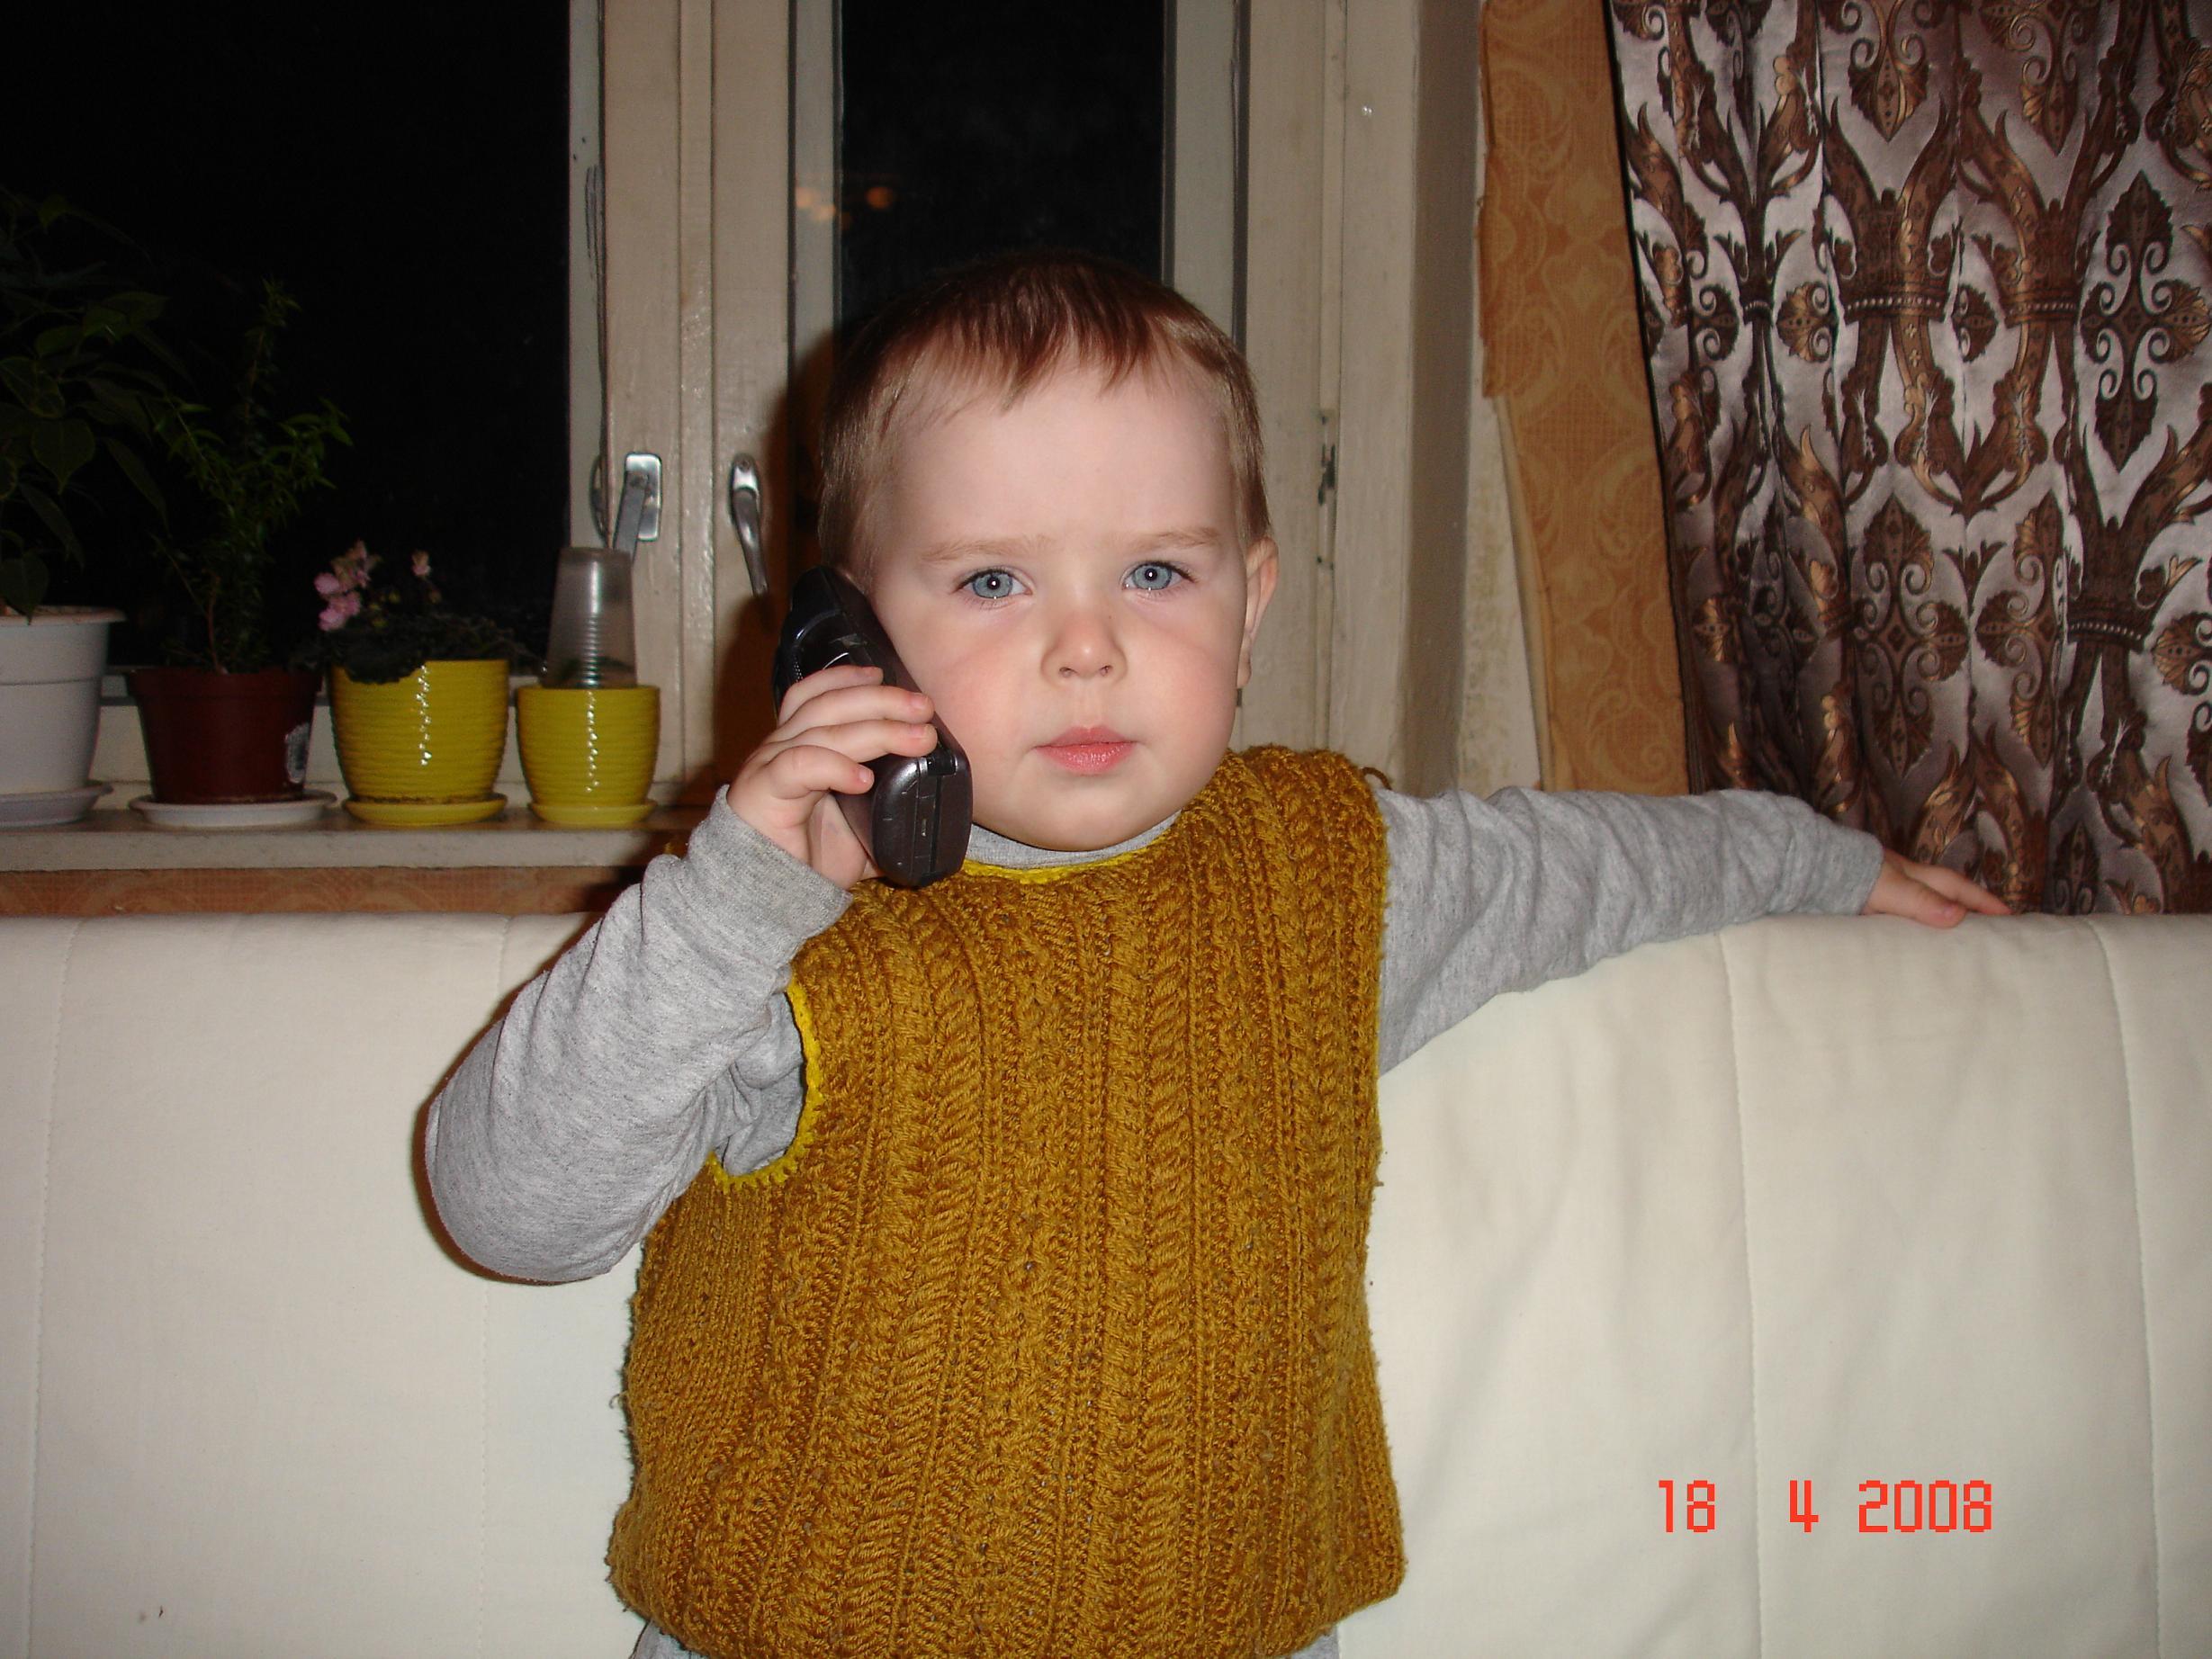 я вас внимательно.... Позвони мне, позвони